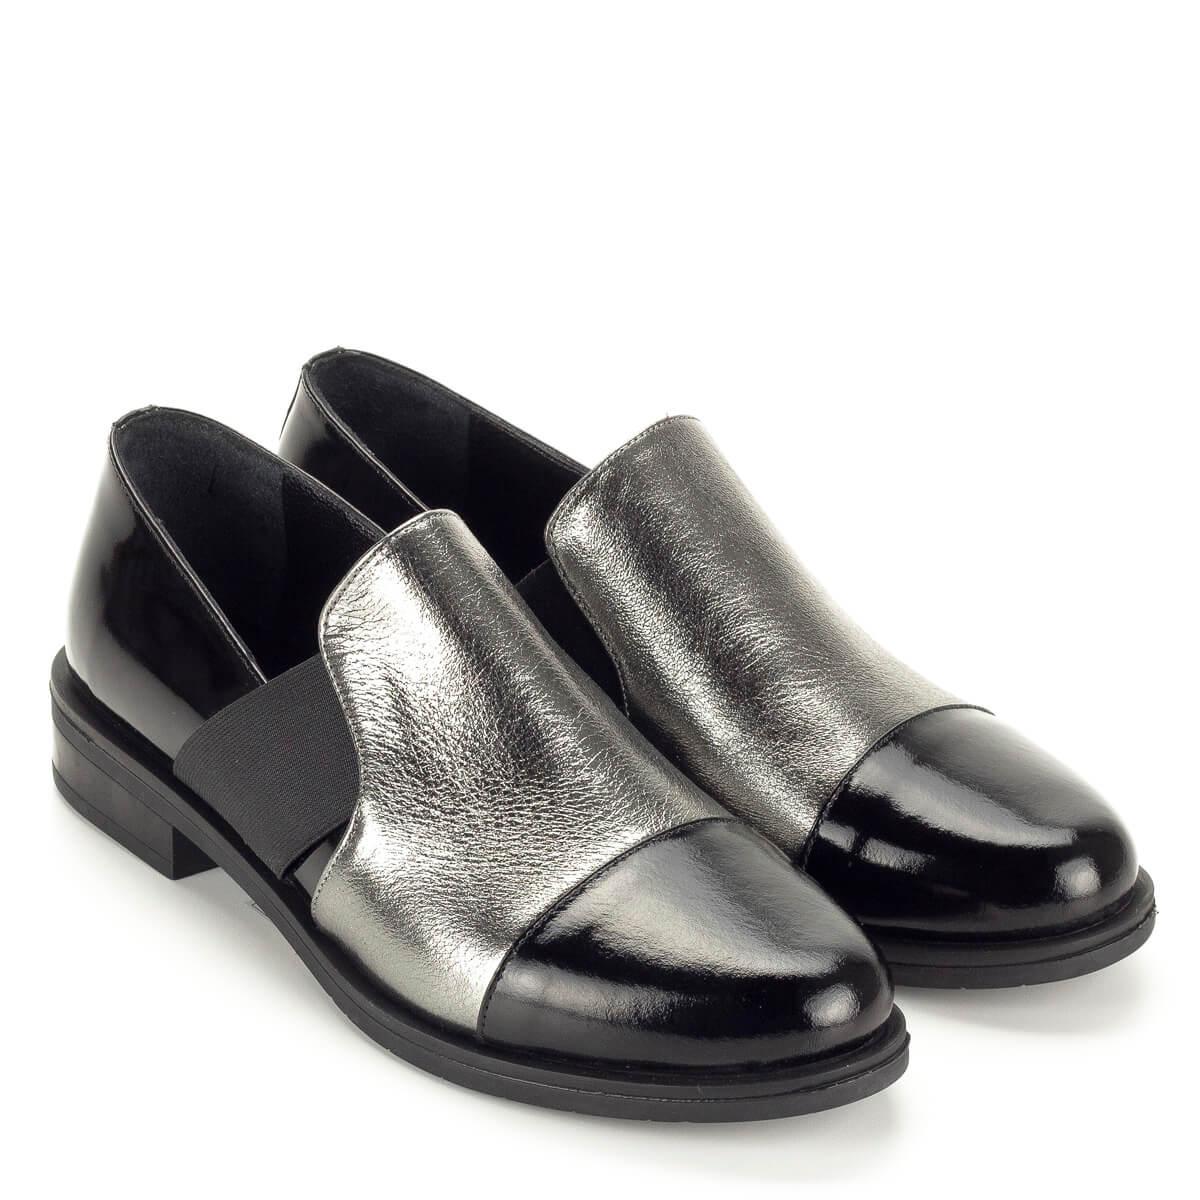 Sherlock Soon női bőr félcipő fekete lakk bőr és ezüst bőr kombinálásával. 2f856a08bc